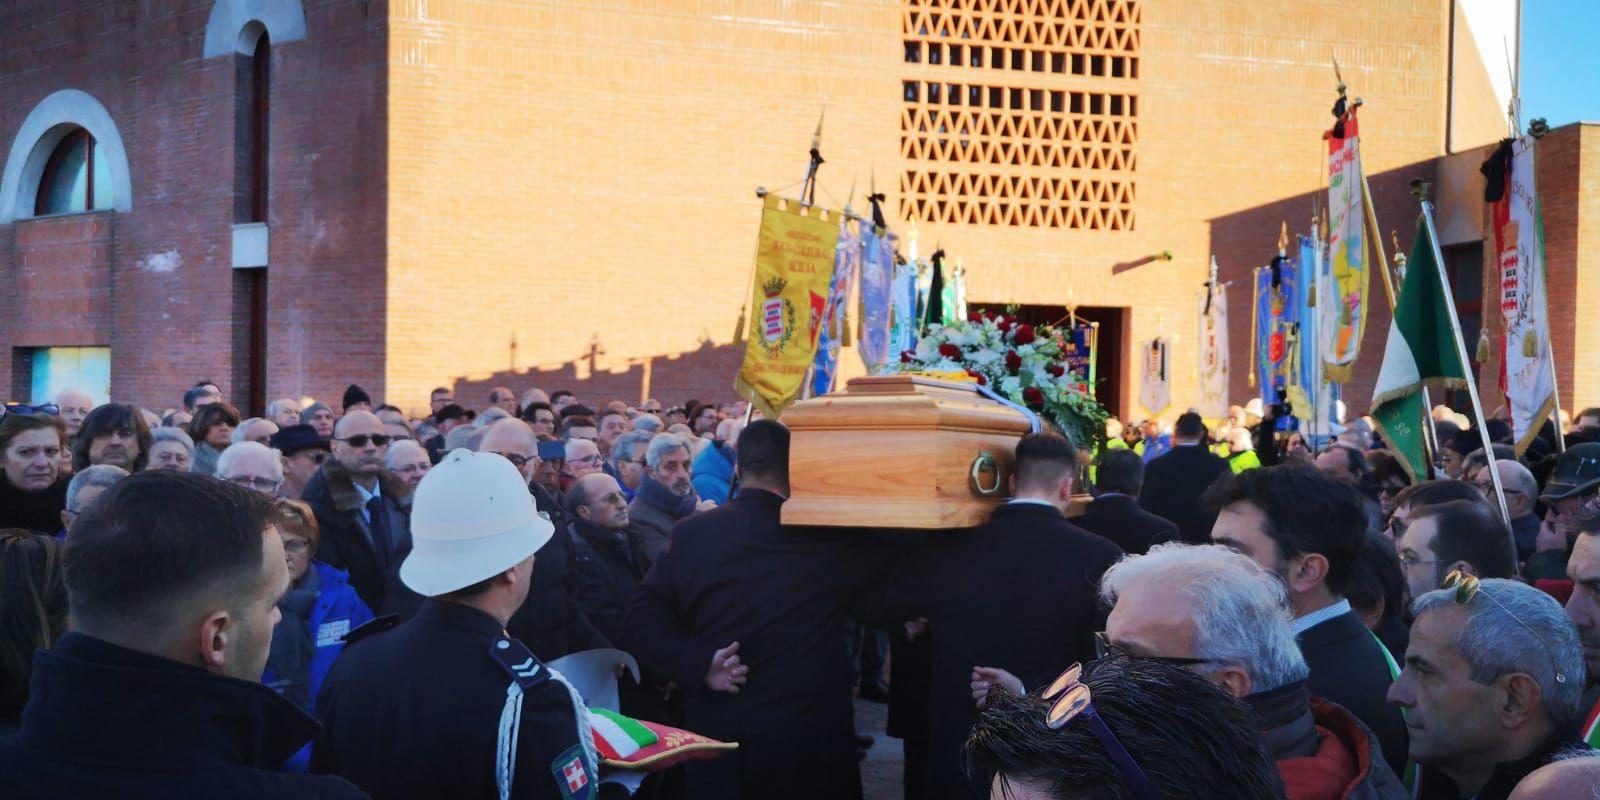 BORGARO - Una folla commossa per l'addio a Vincenzo Barrea